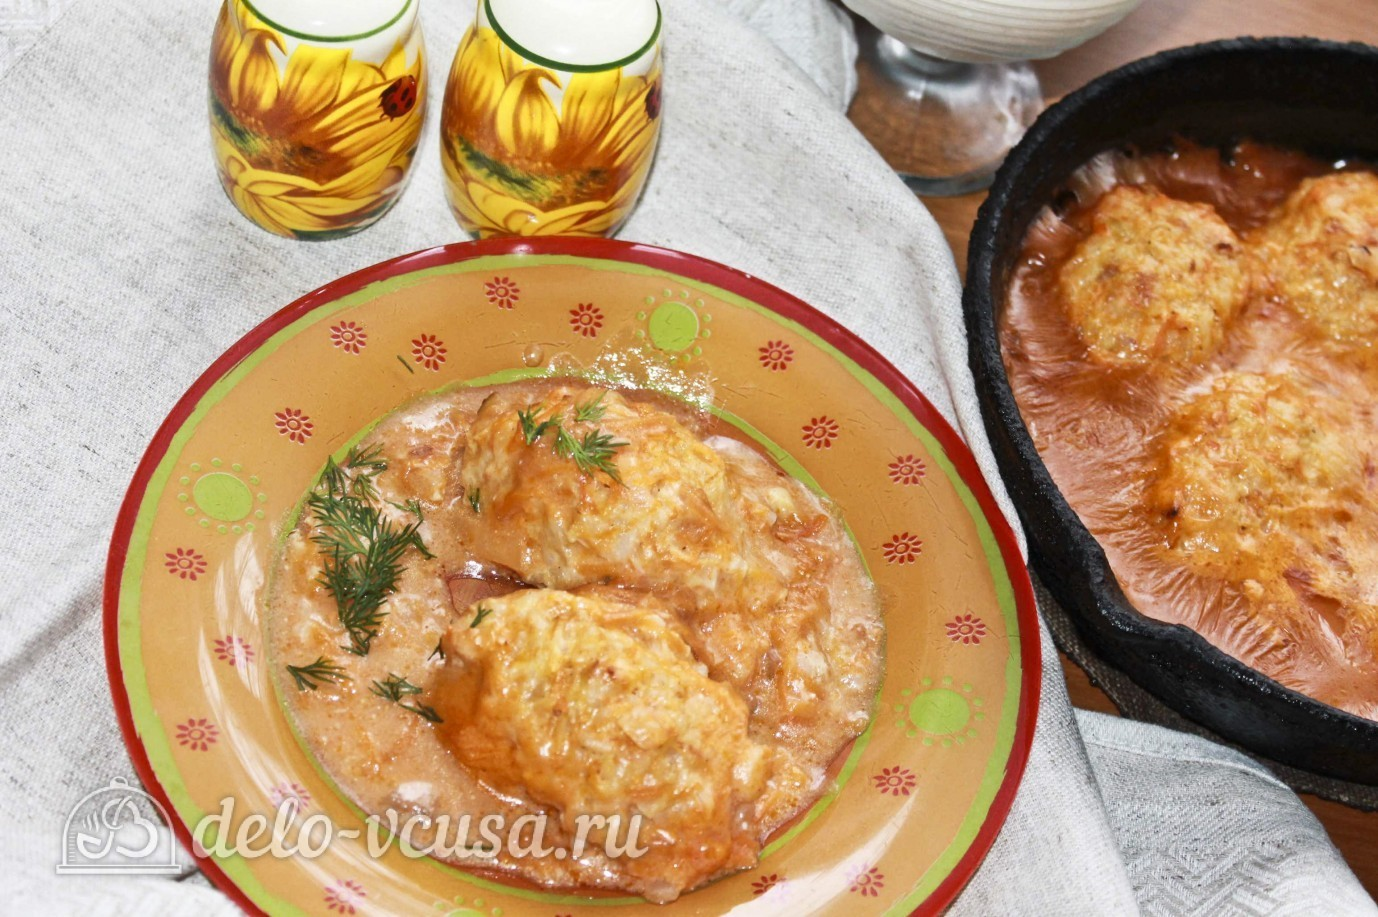 Как приготовить зразы с мясом рецепт